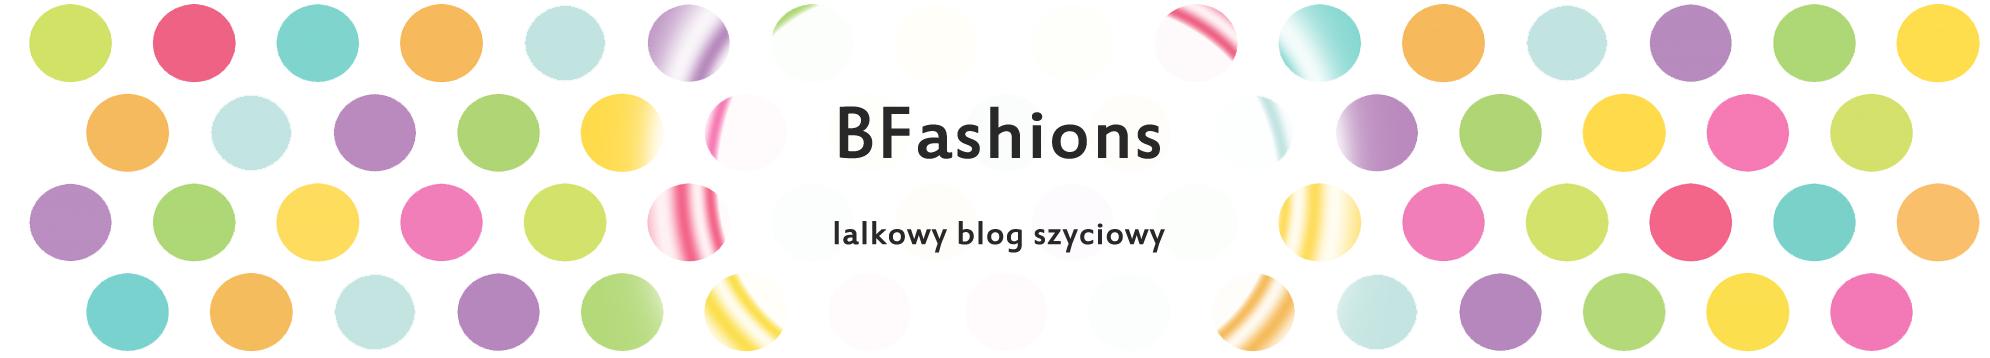 BFashions - lakowy blog szyciowy